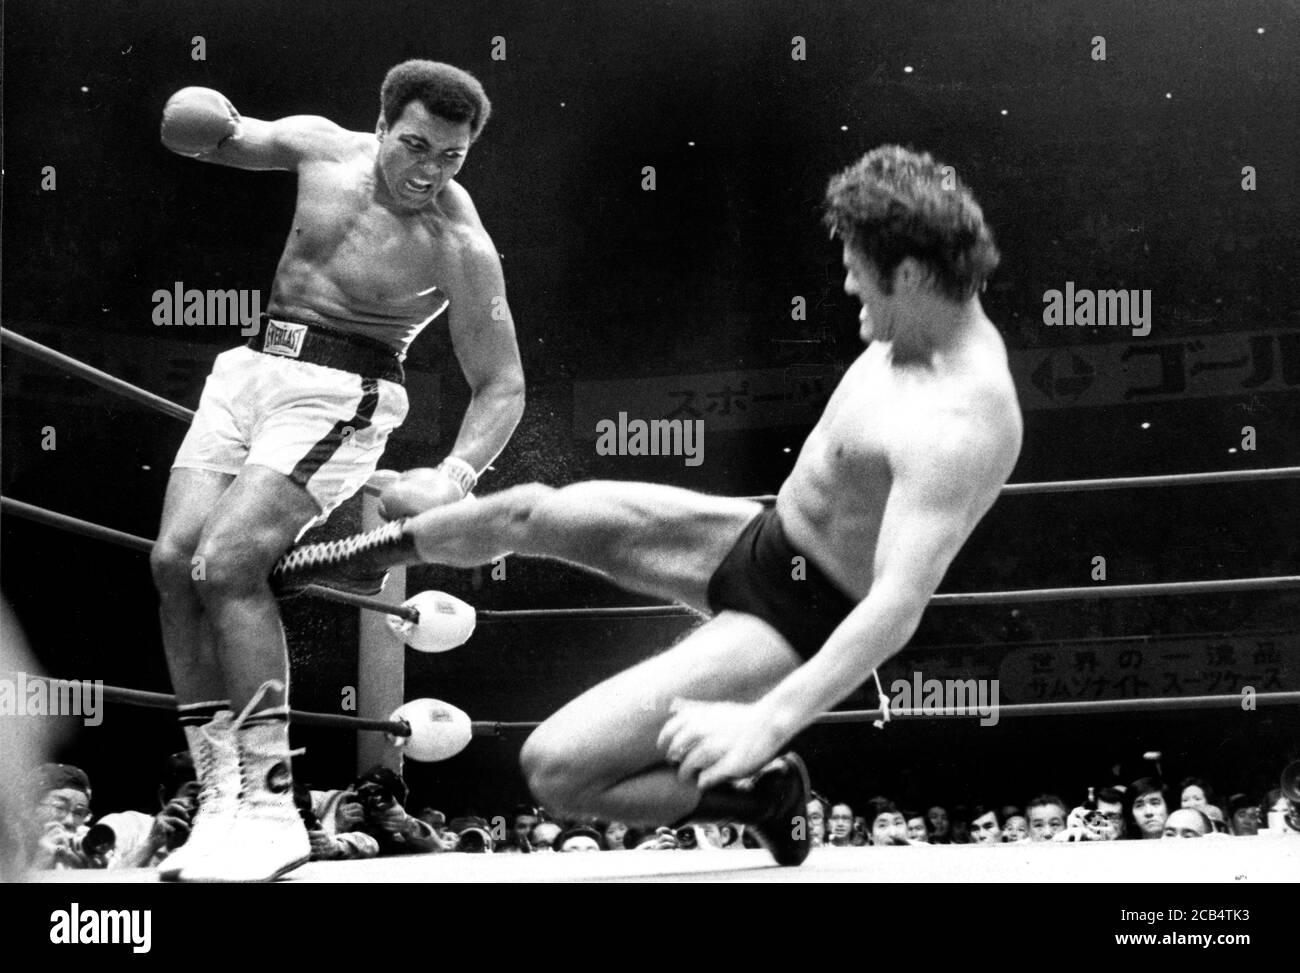 26. Juni 1976 - Tokio, Japan - der japanische Profi-Wrestler ANTONIO INOKI tritt den amerikanischen Boxer MUHAMMAD ALI während ihres im Nippon Budokan ausgetrampten Boxes. Ali war der amtierende WBC/WBA Schwergewichtsmeister und Inoki inszenierte Ausstellungskämpfe gegen Champions verschiedener Kampfkünste, um zu zeigen, dass Pro-Wrestling die dominierende Kampfdisziplin war. Der Kampf selbst, der unter besonderen Regeln ausgetragen wurde, gilt als Vorläufer der modernen Mixed Martial Arts das Ergebnis des Kampfes wurde lange von der Presse und den Fans diskutiert. Der Kampf wurde von G. LeBell referiert. (Bild: © Stockfoto